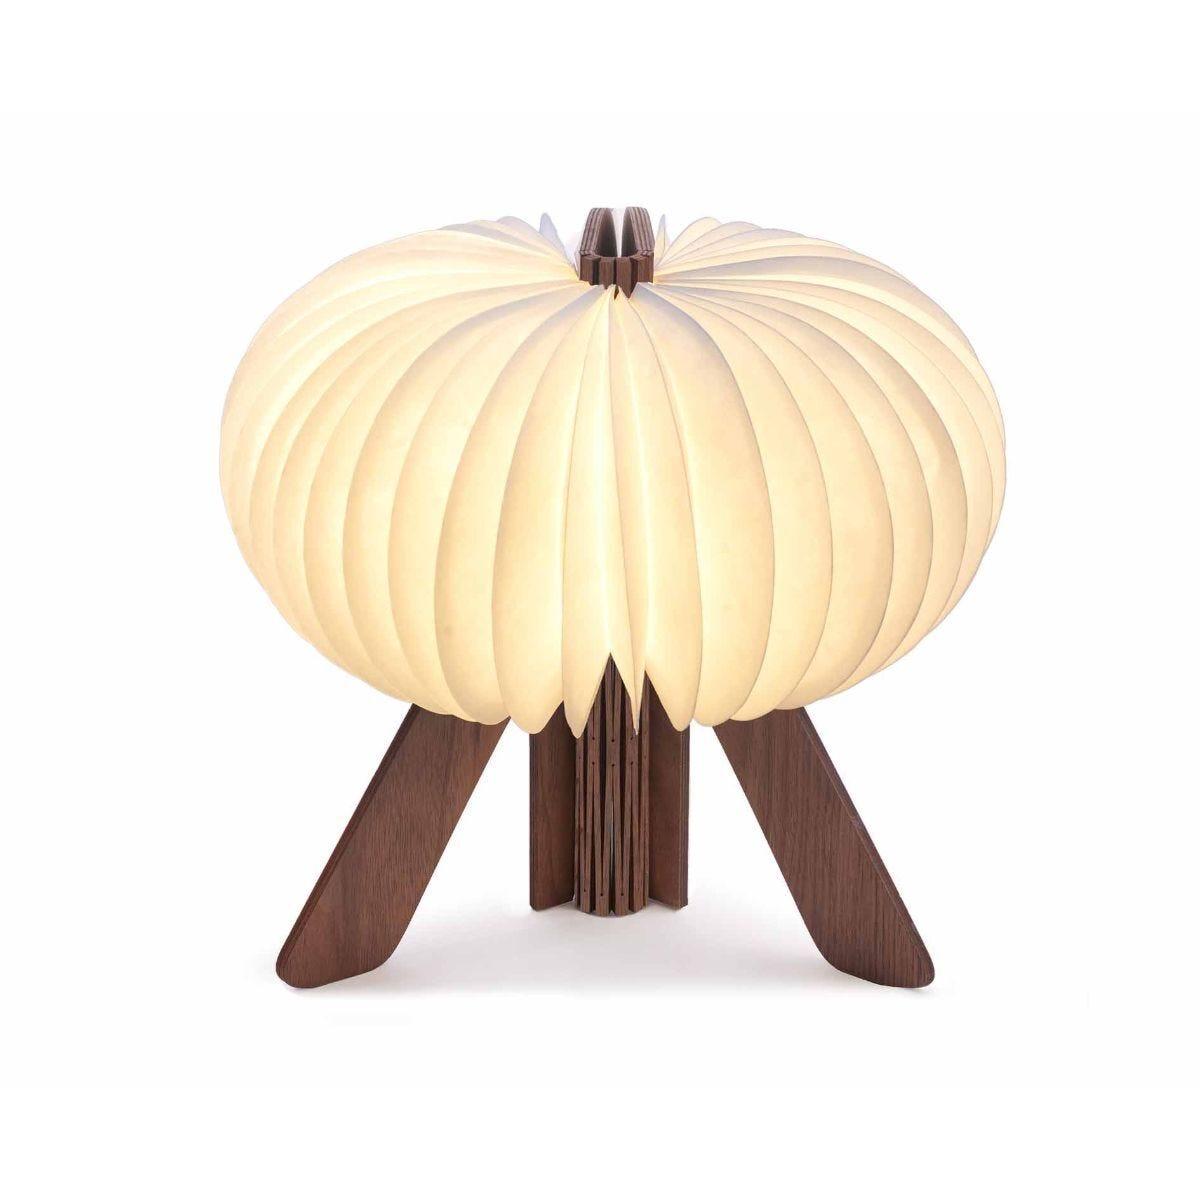 Gingko R-Space Desk Lamp